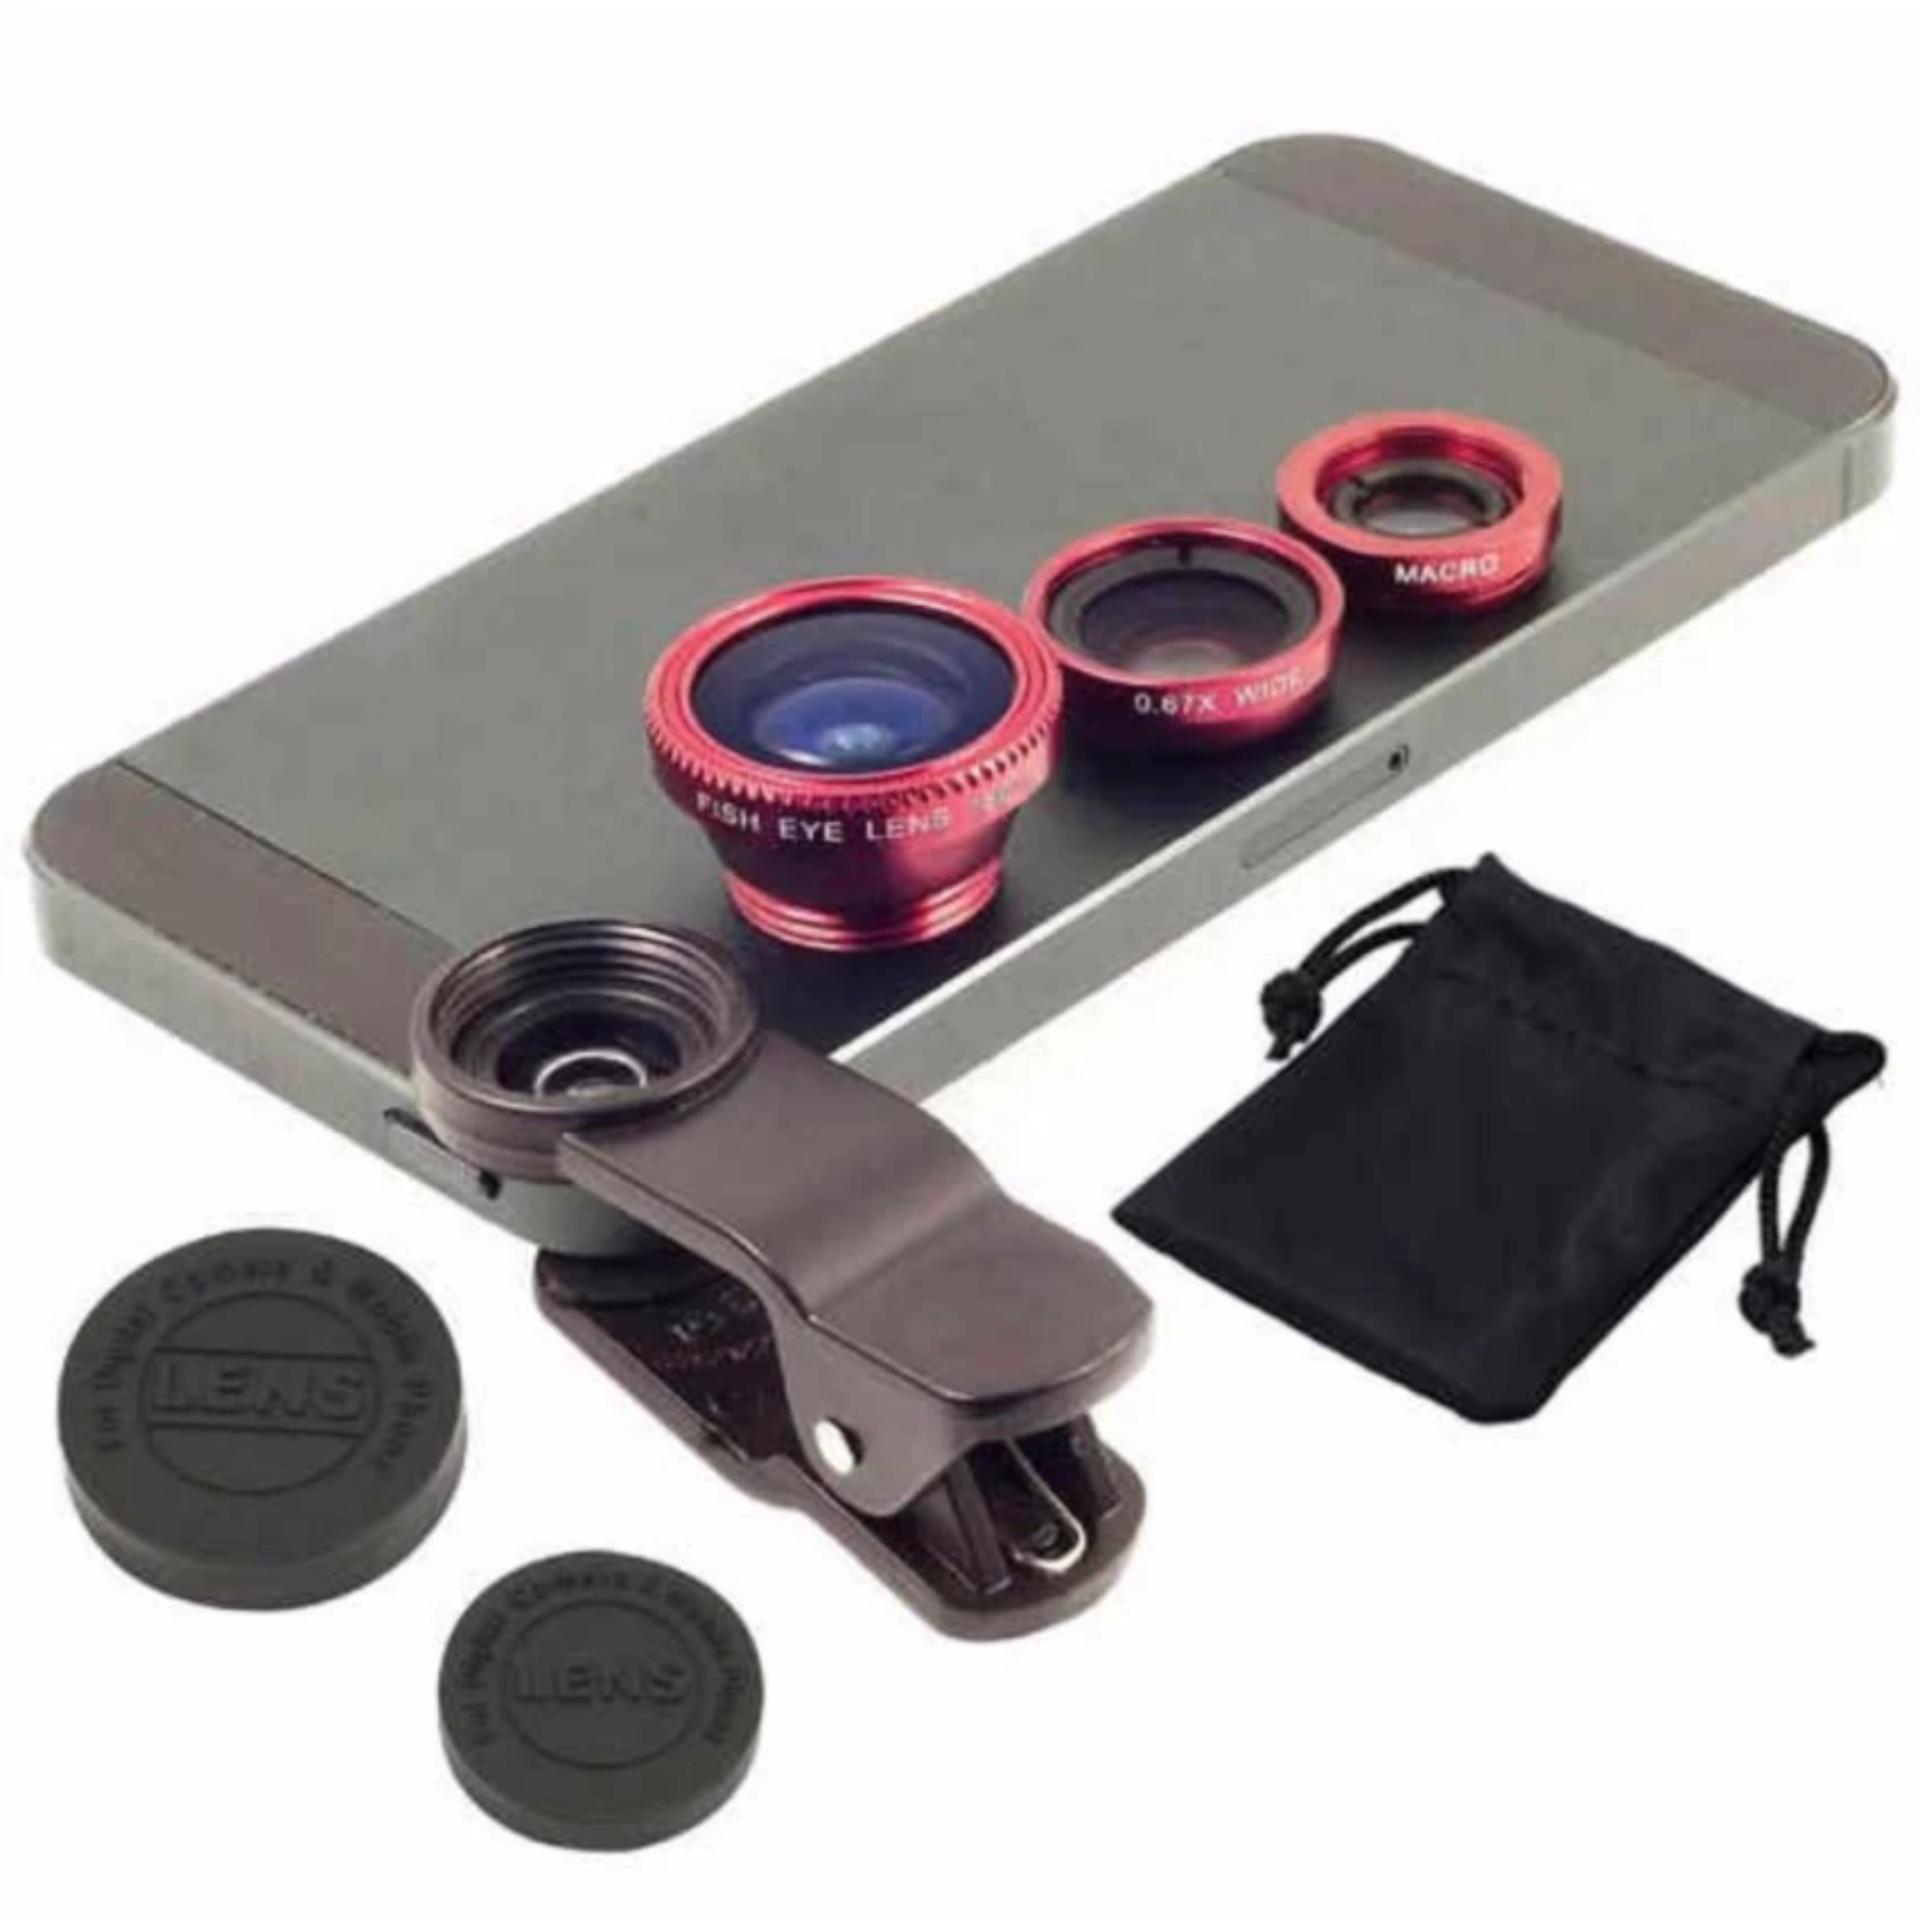 Giá ưu đãi Ống lens Camera 3 trong 1 cho điện thoại mua ngay - Giá chỉ 32.936đ